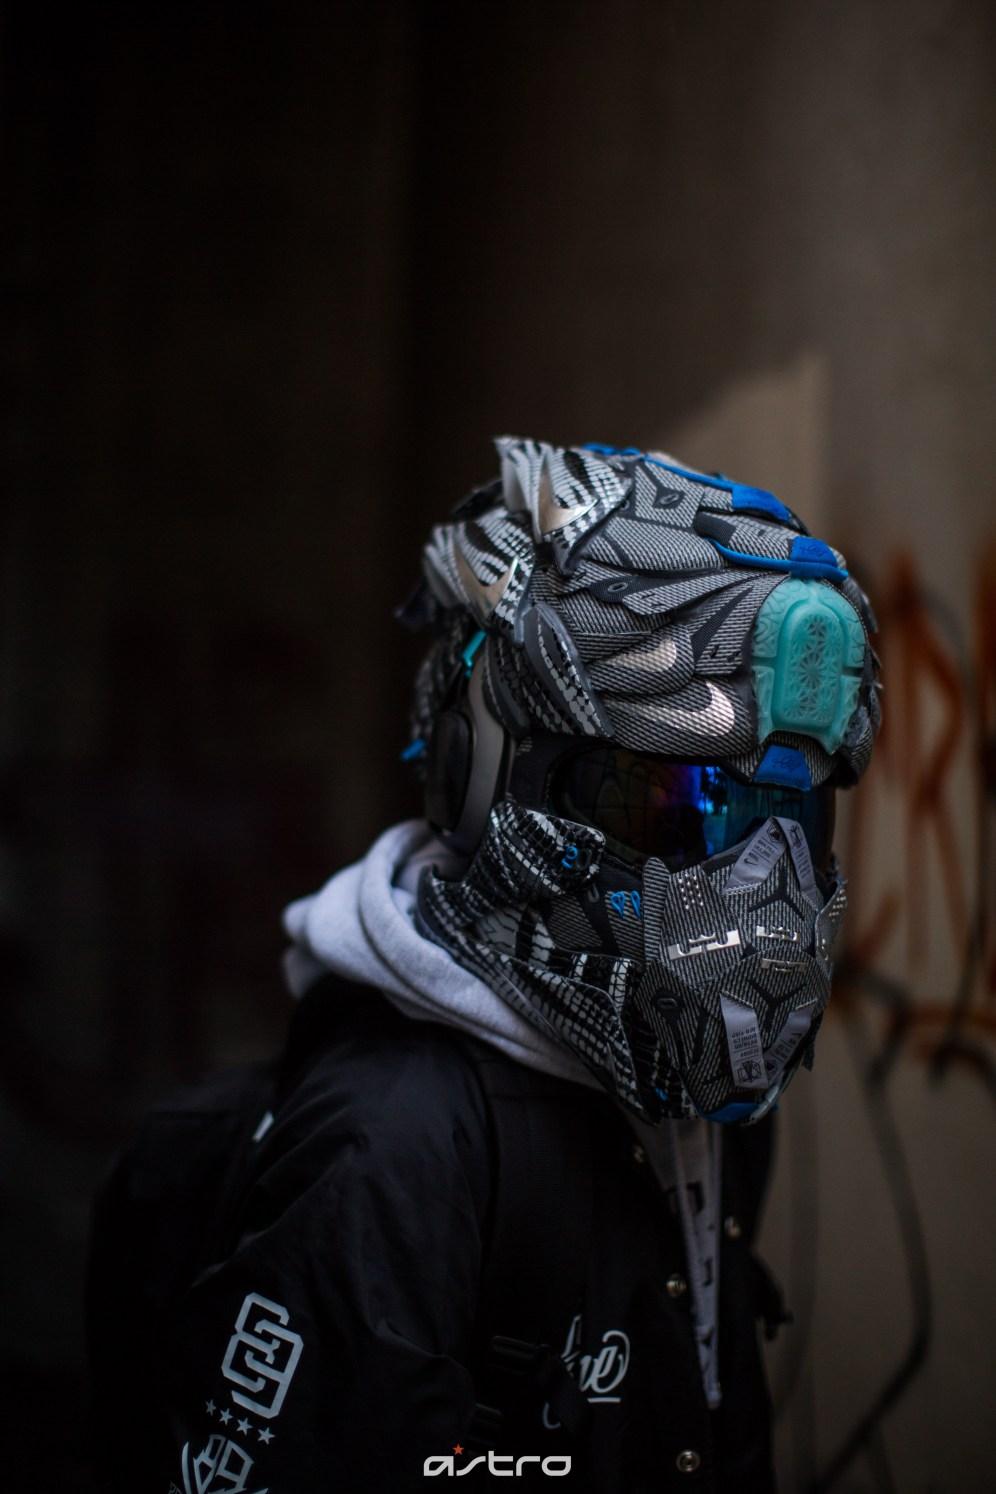 Photo by Enrique Espinoza of ASTRO Gaming